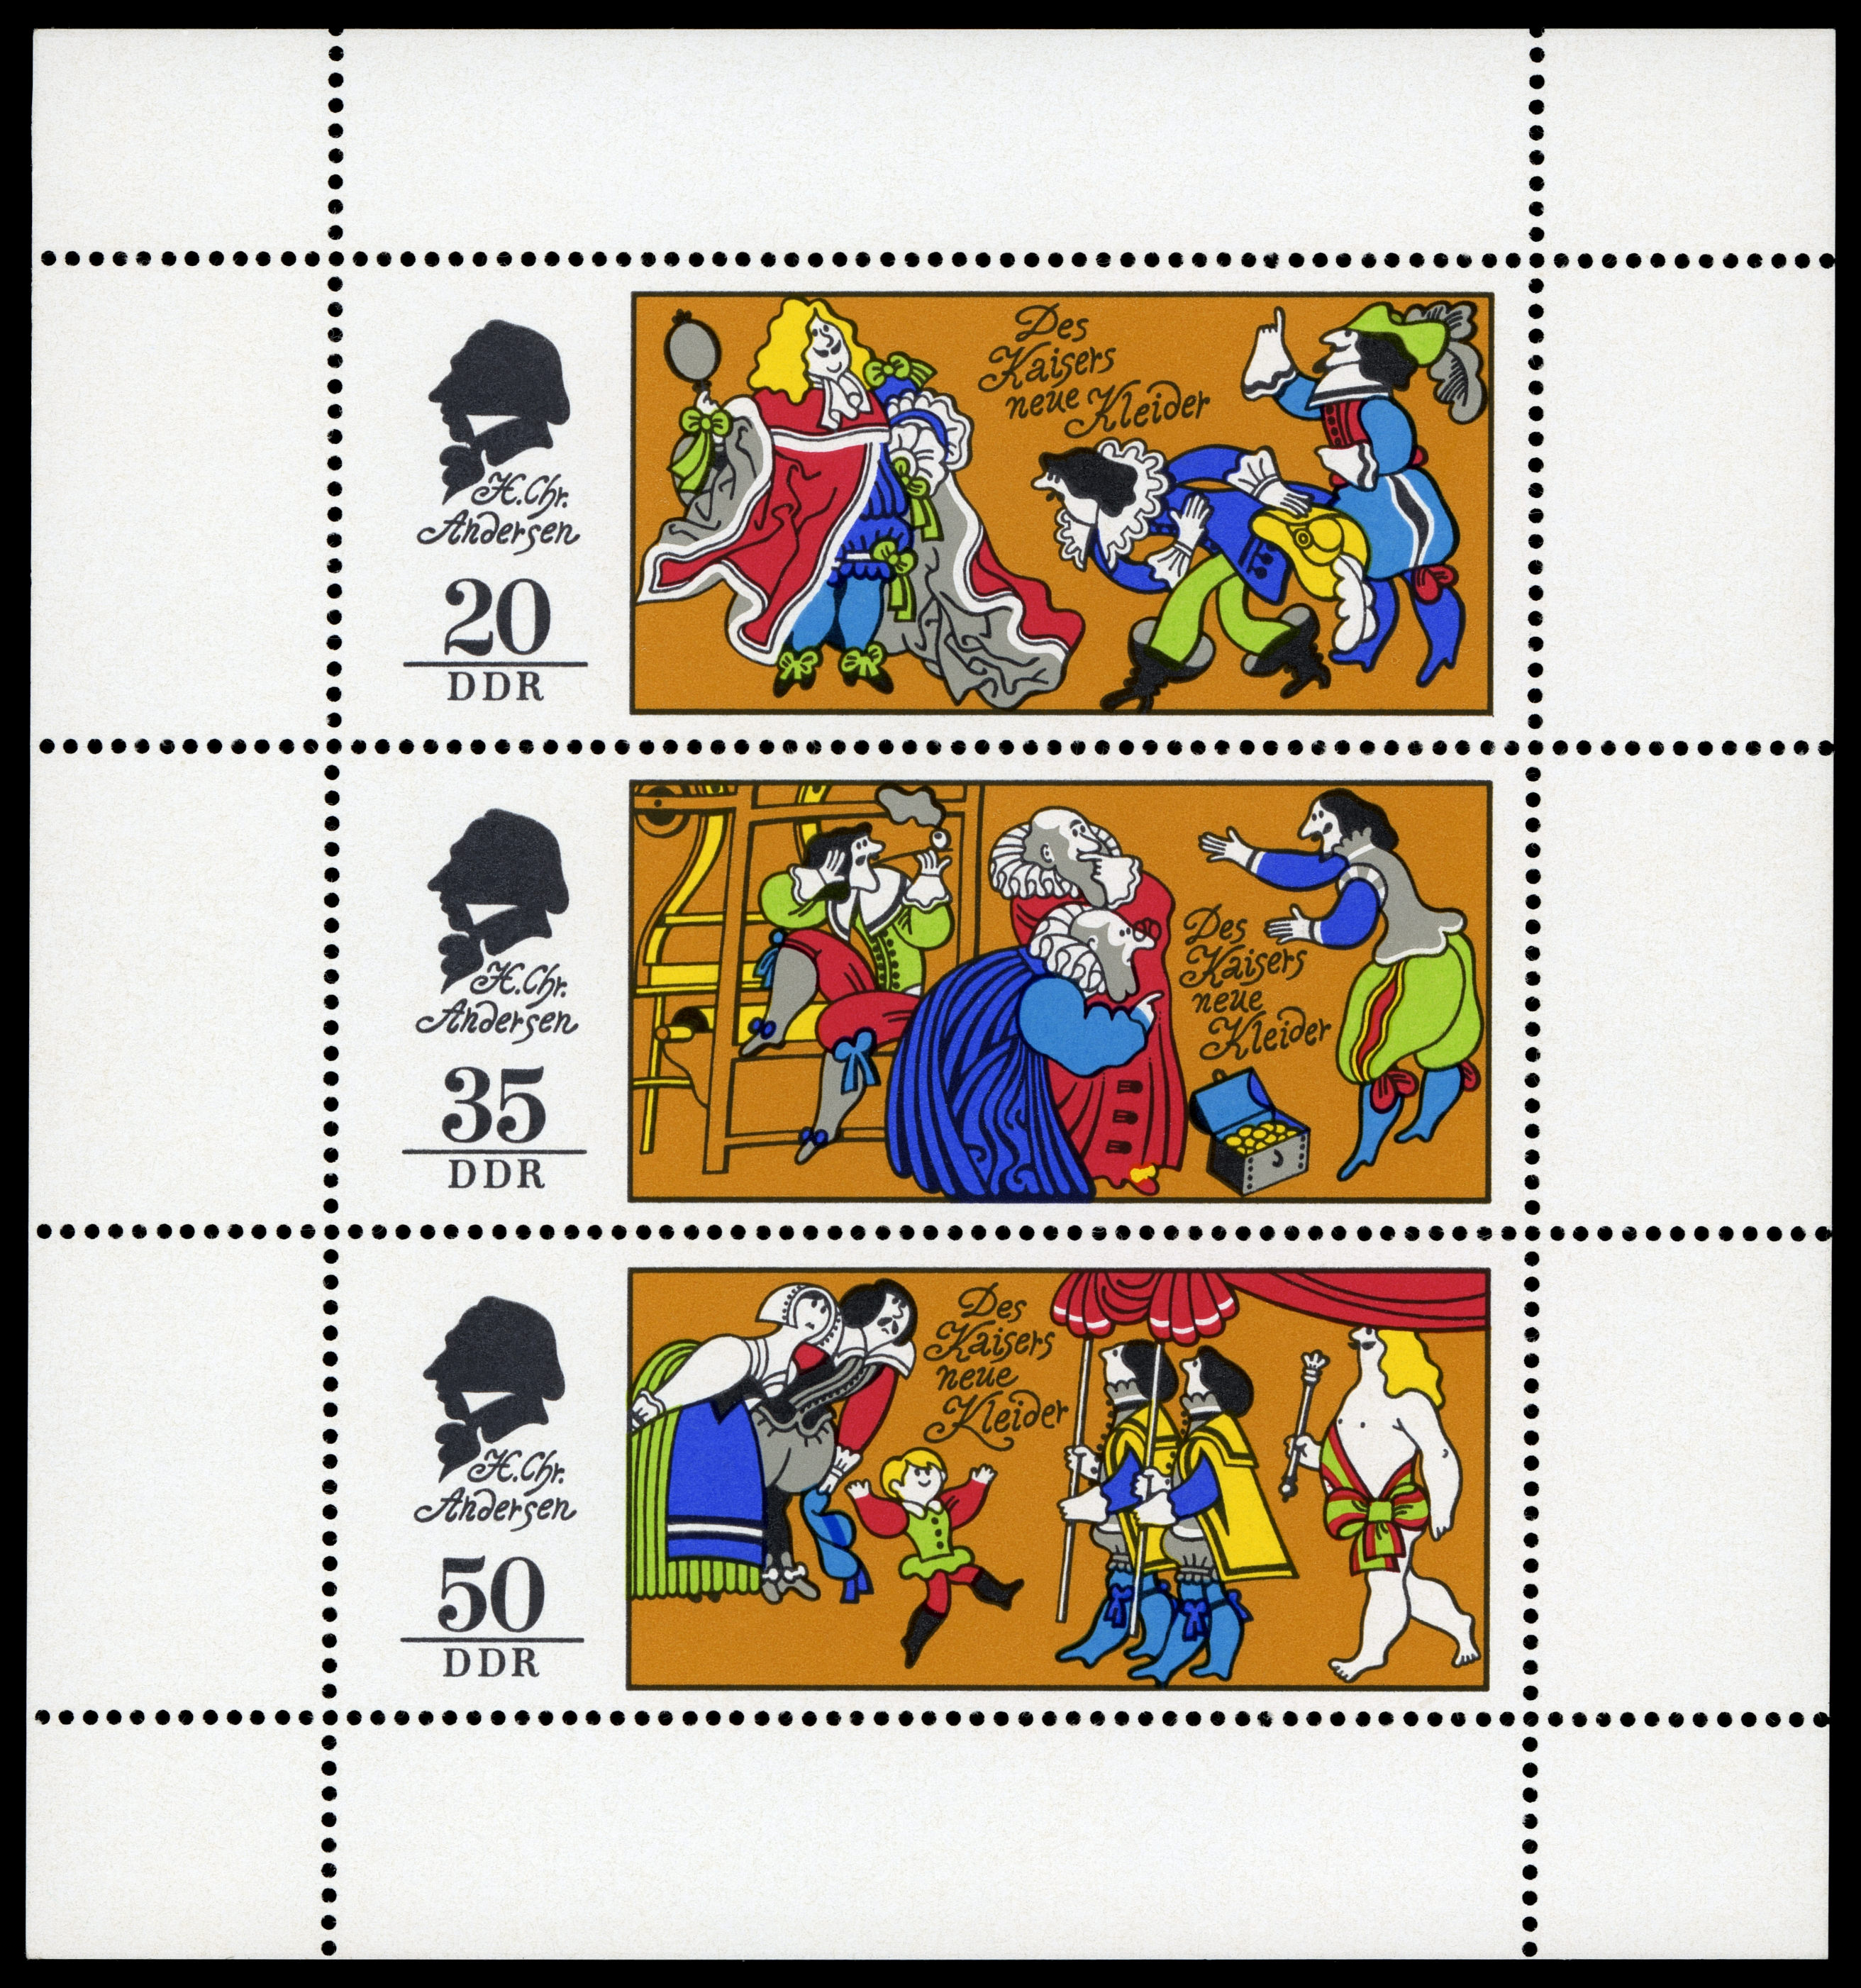 DDR 童话故事系列邮票(三) - 谷雨 - 一壶清茶 三五知己